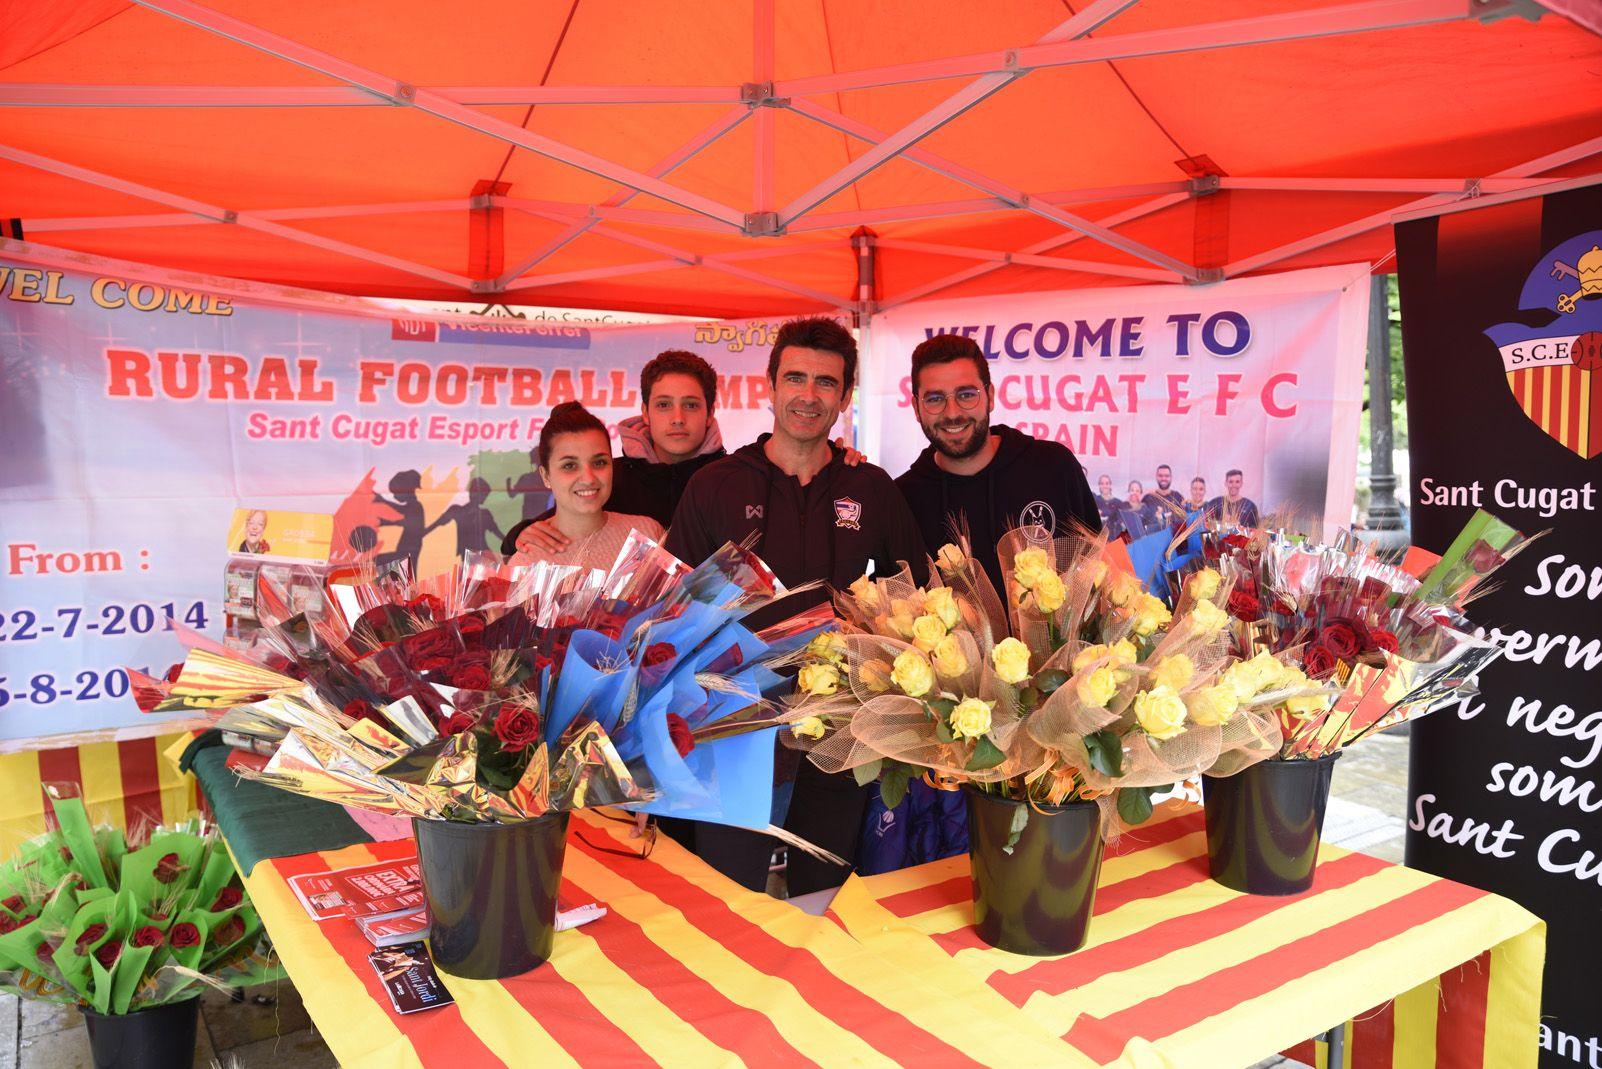 Venta de roses del Sant Cugat Futbol Club. Foto: Bernat Millet.